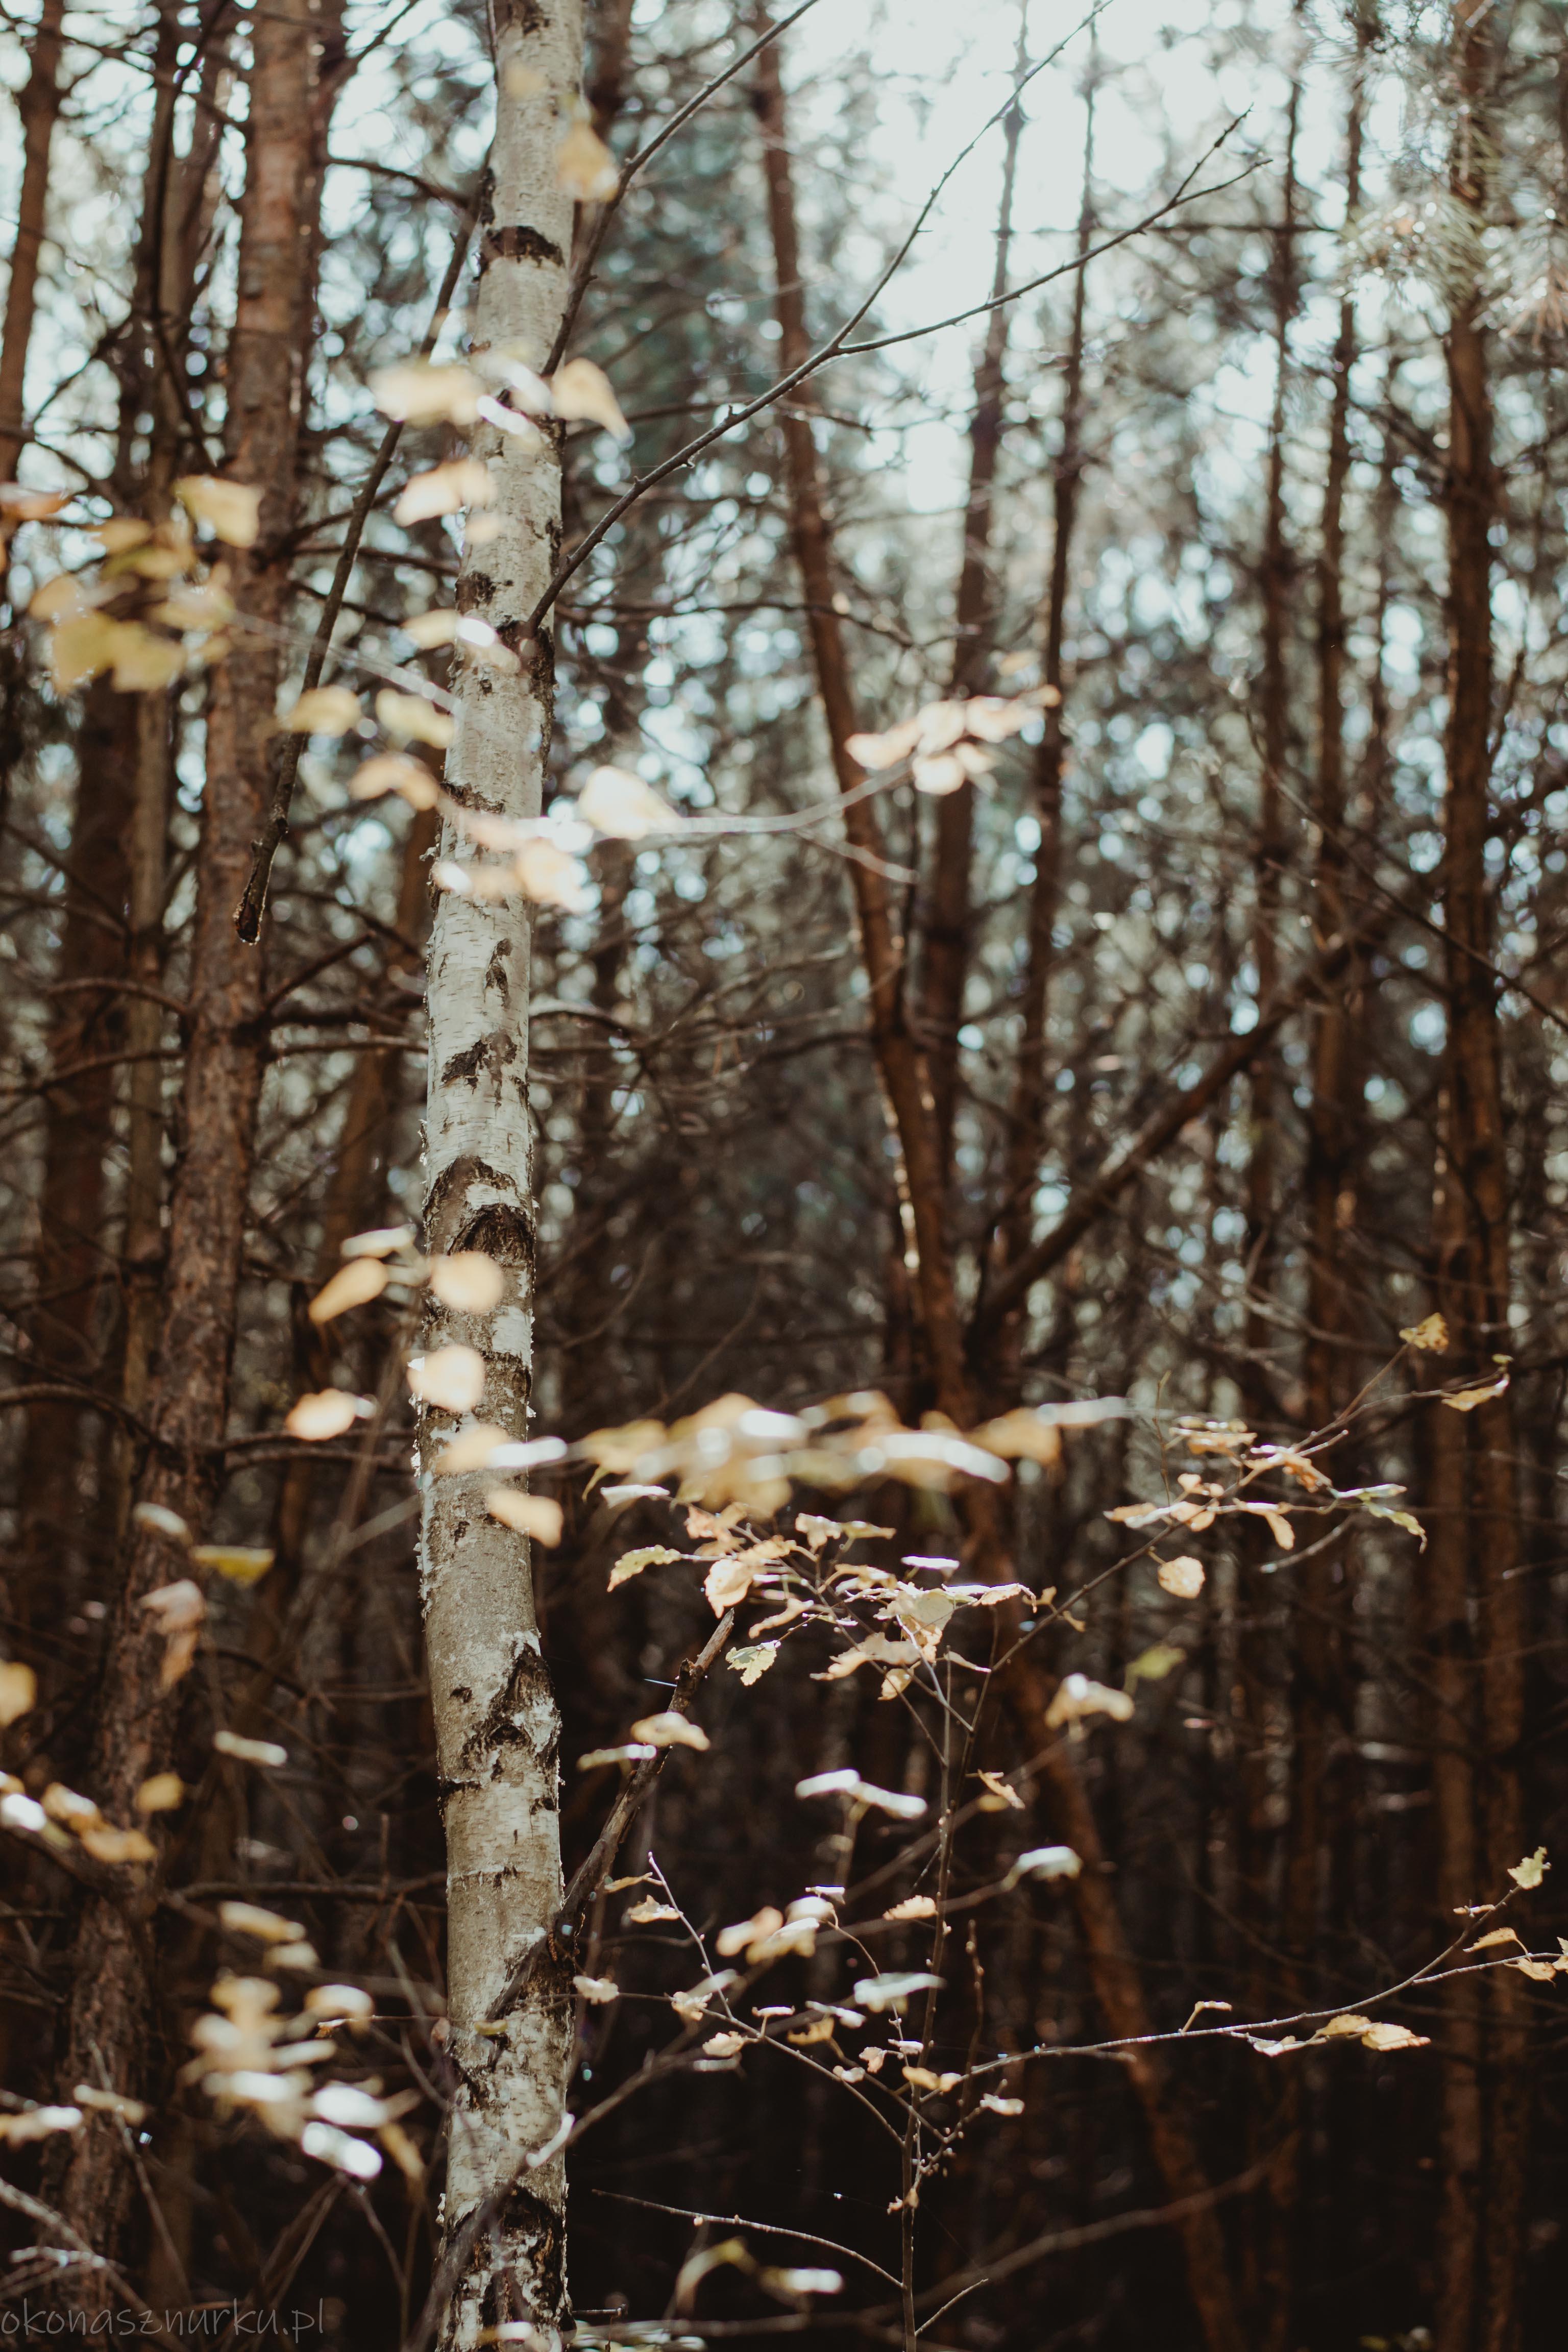 grzybobranie-okonasznurku (40)